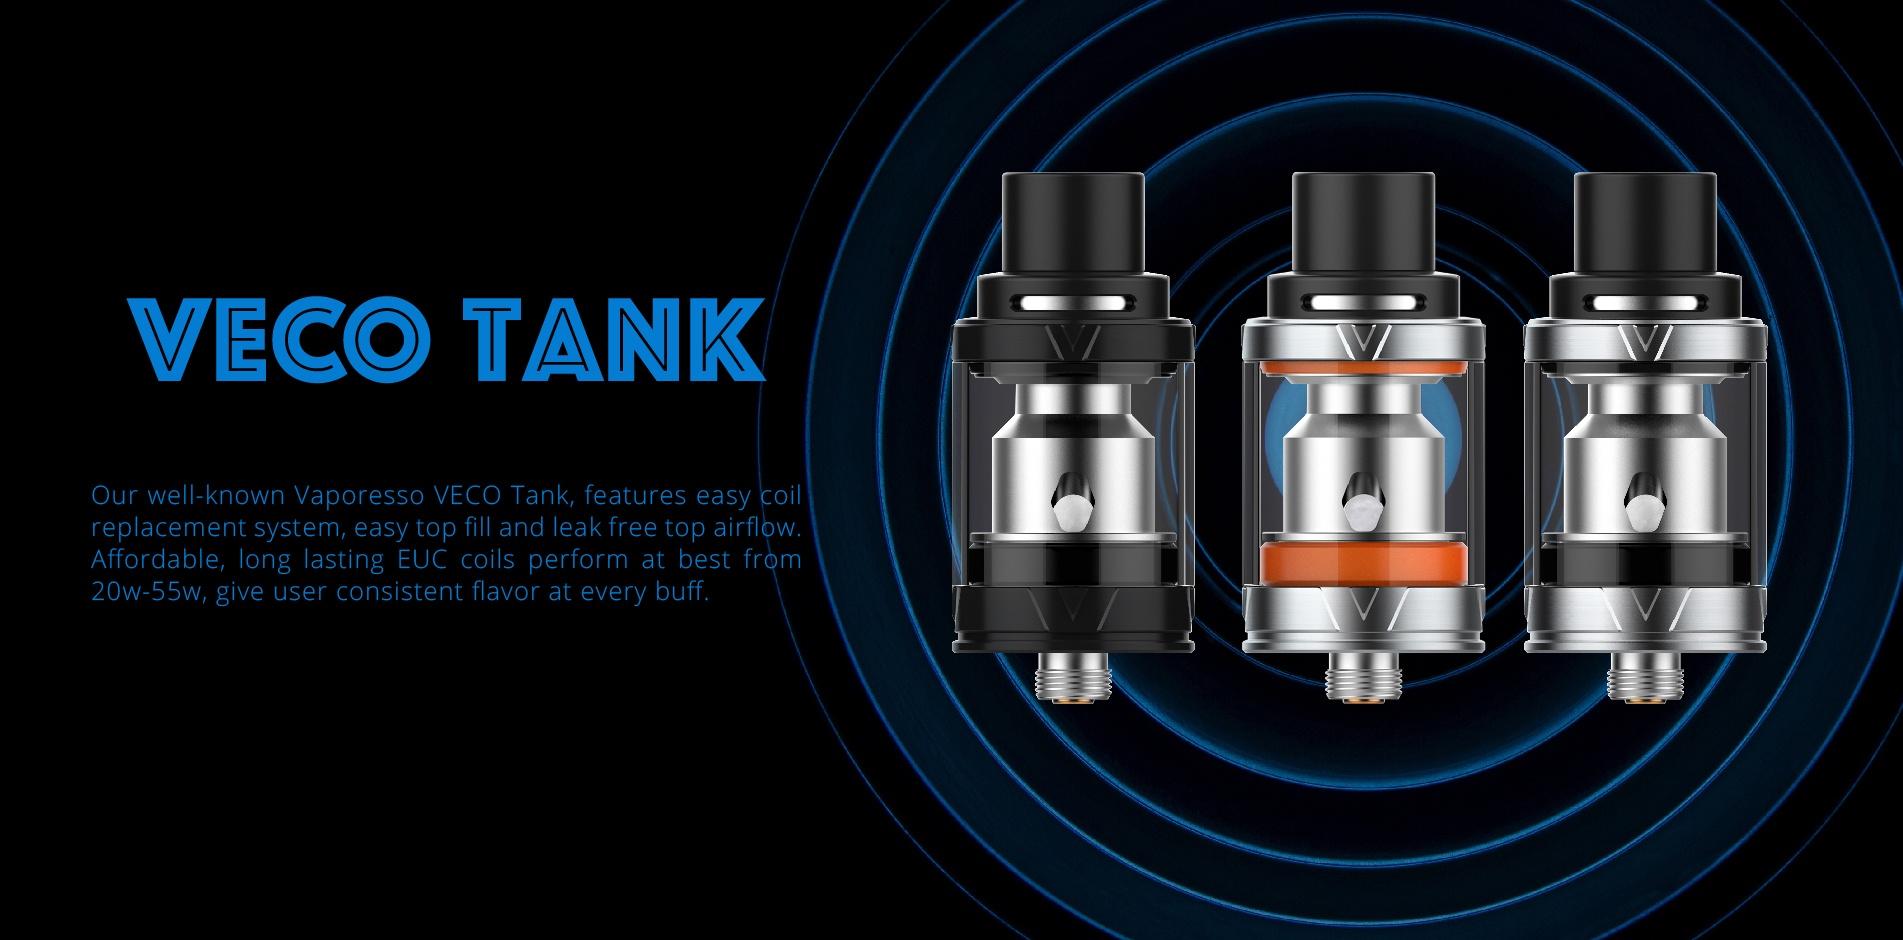 veco_tank_tarot_nano_kit.jpg